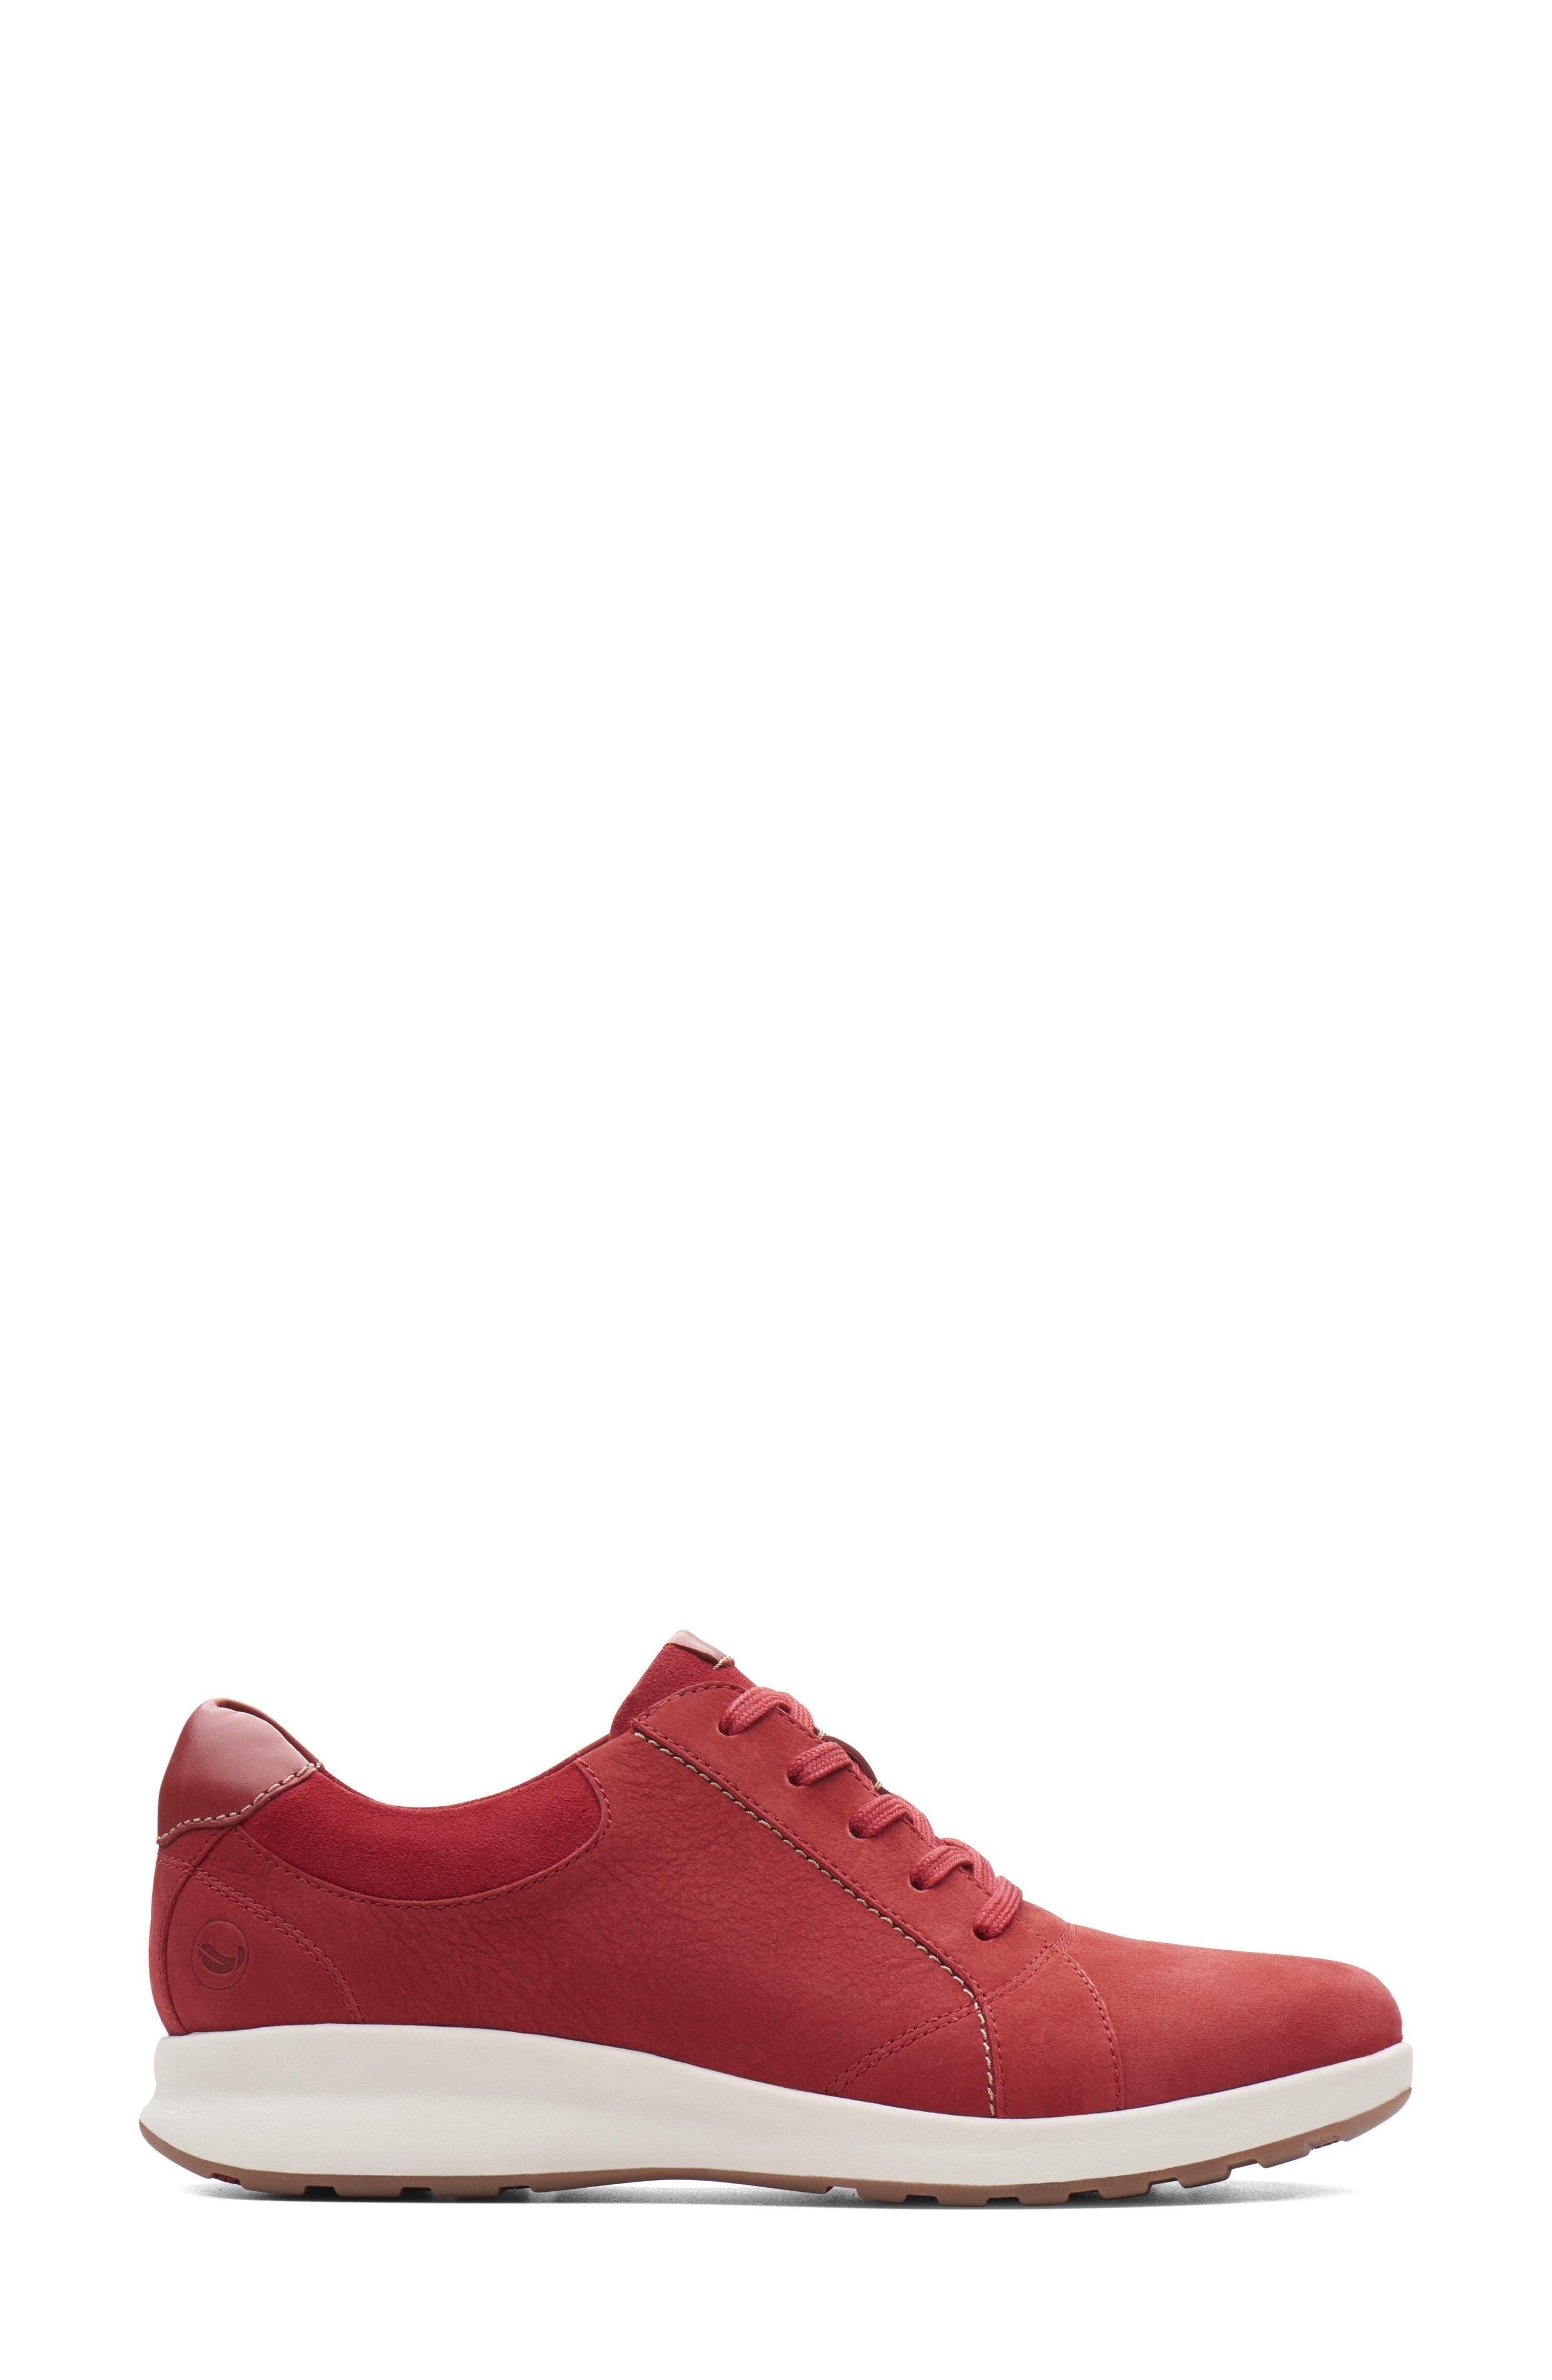 Clarks   Un Adorn Lace-Up Sneaker